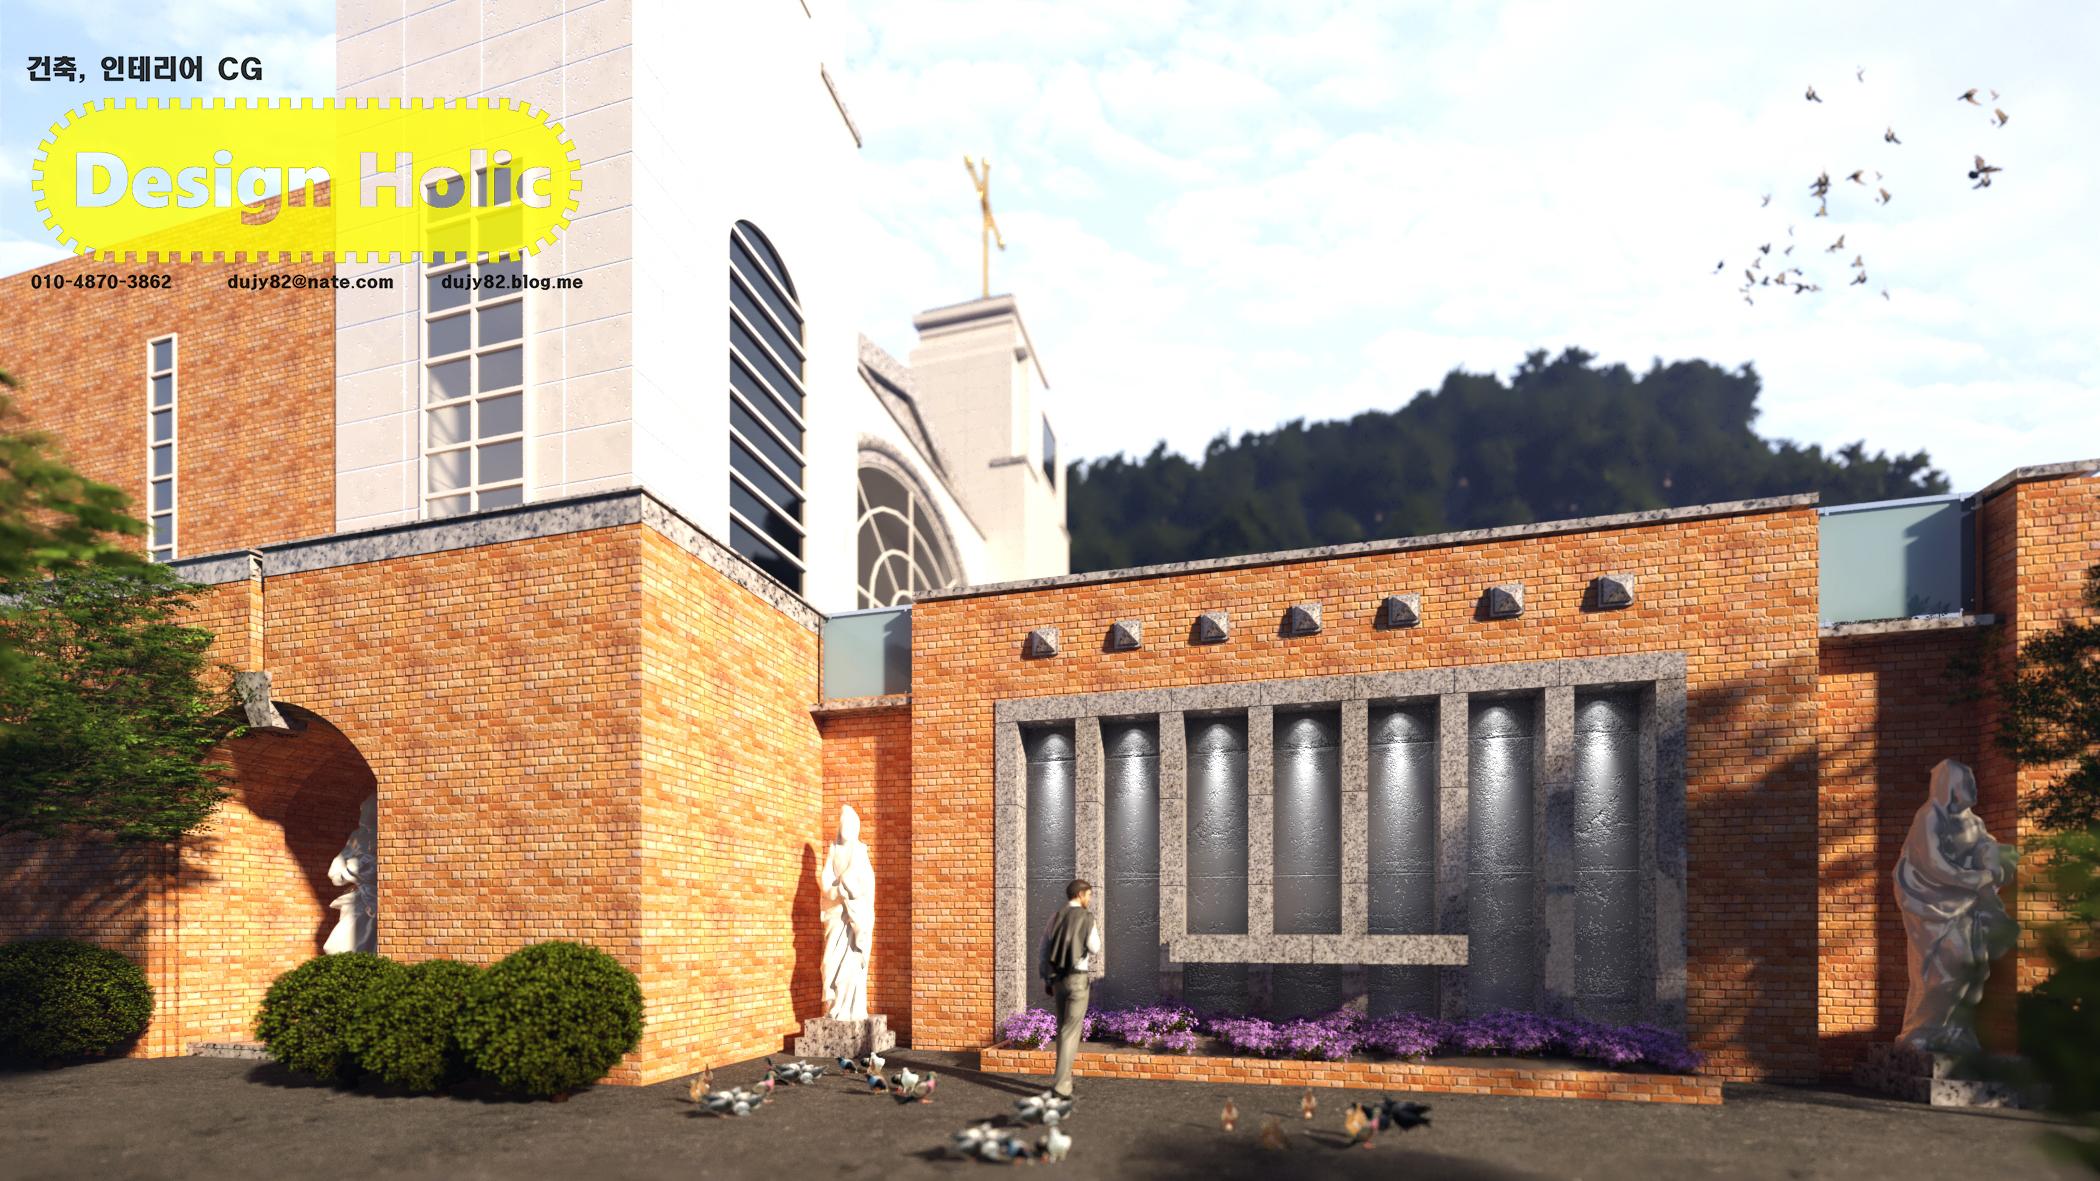 천주교 교회 외부 재단 디자인 3d cg 투시도 조감도 아이소메트릭.jpg